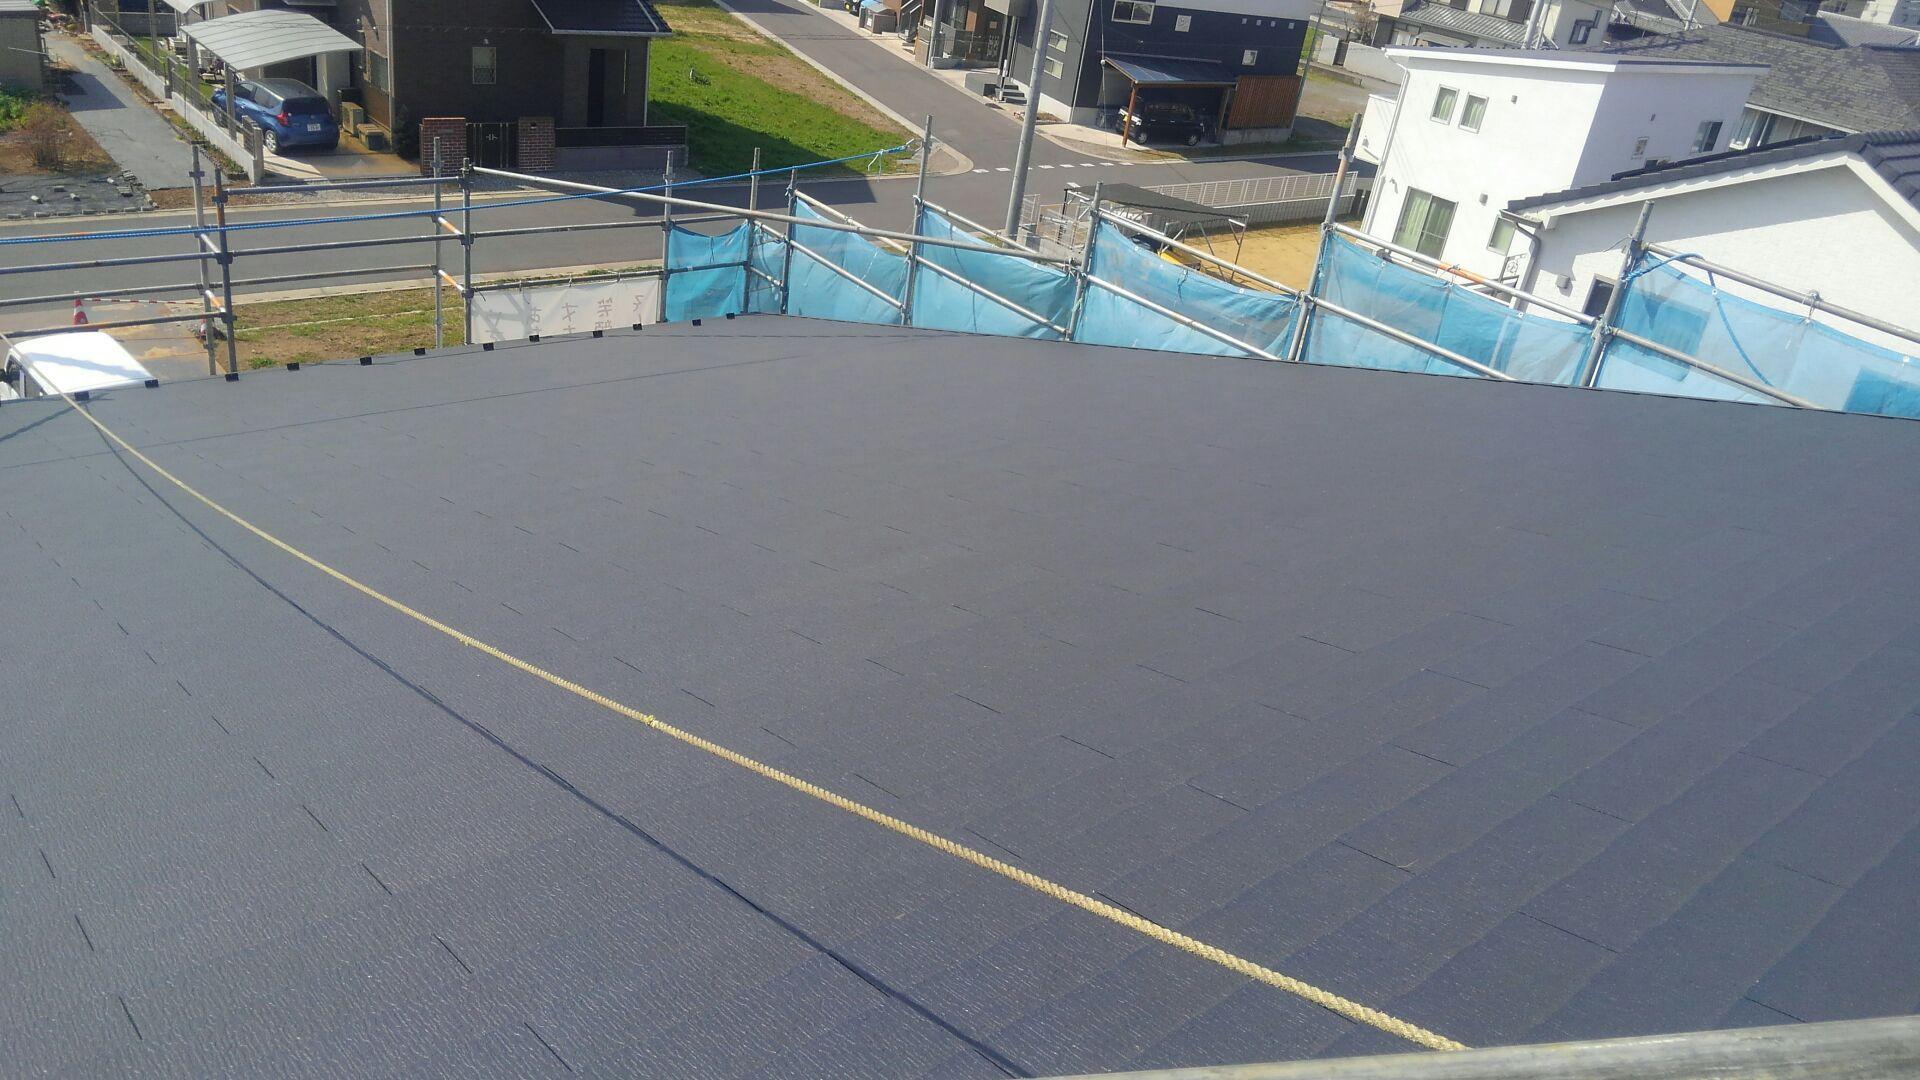 屋根工事完了! コロニアルの屋根、いいですね! ハクリョクまんてんのしあがりです。